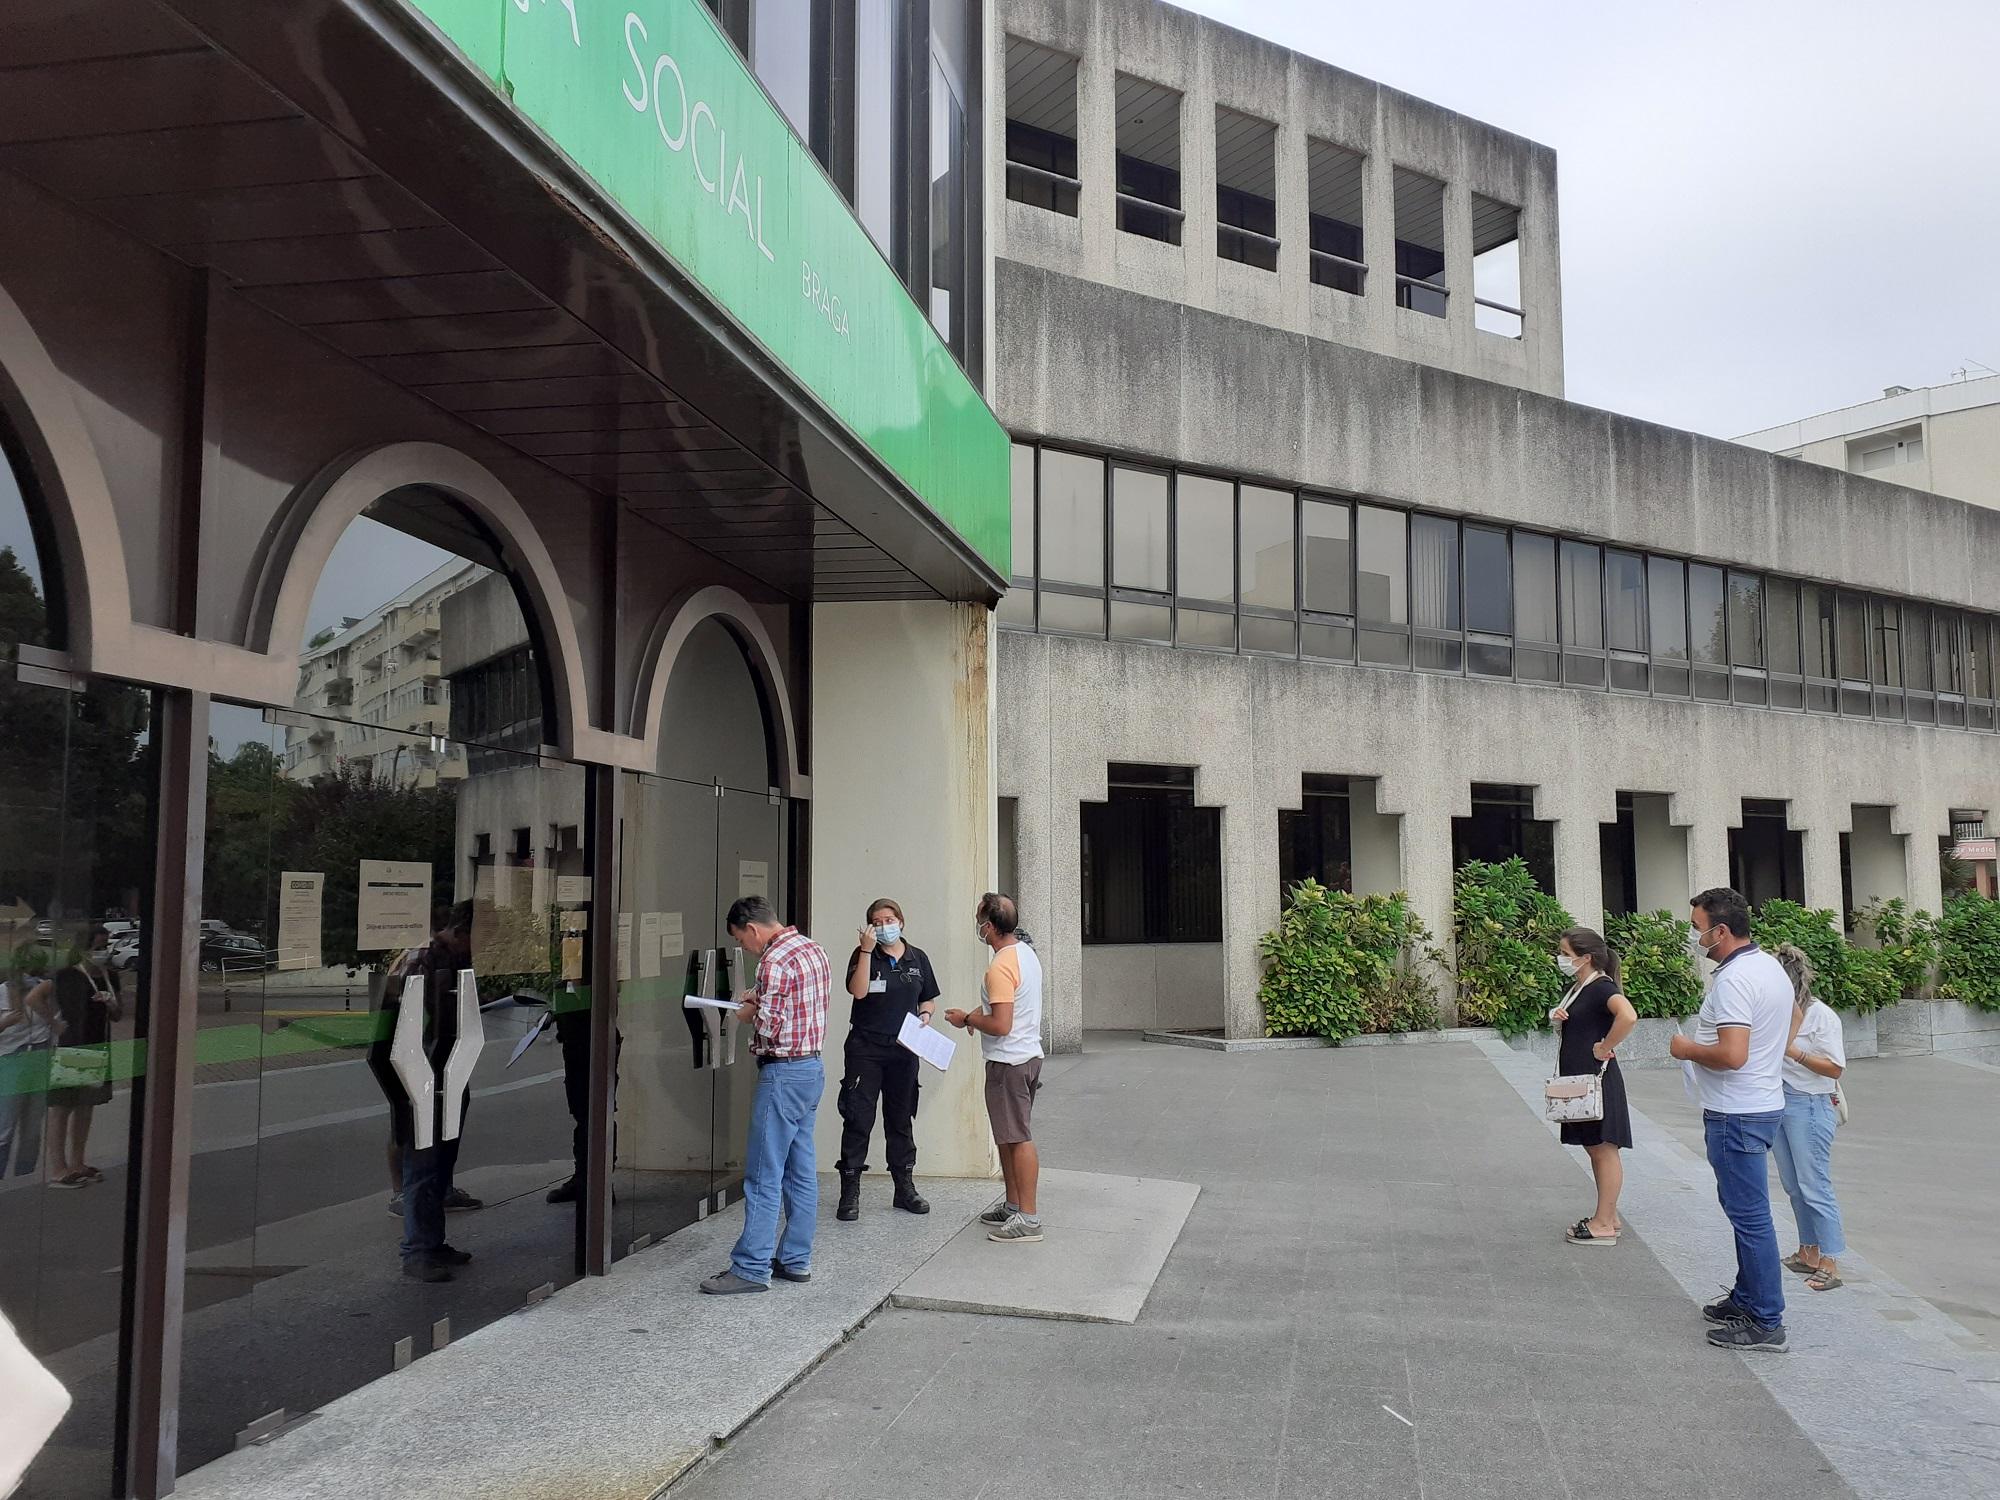 Segurança Social diz que amas podem fazer refeições após pais contestarem levar marmitas em Braga (actualização)